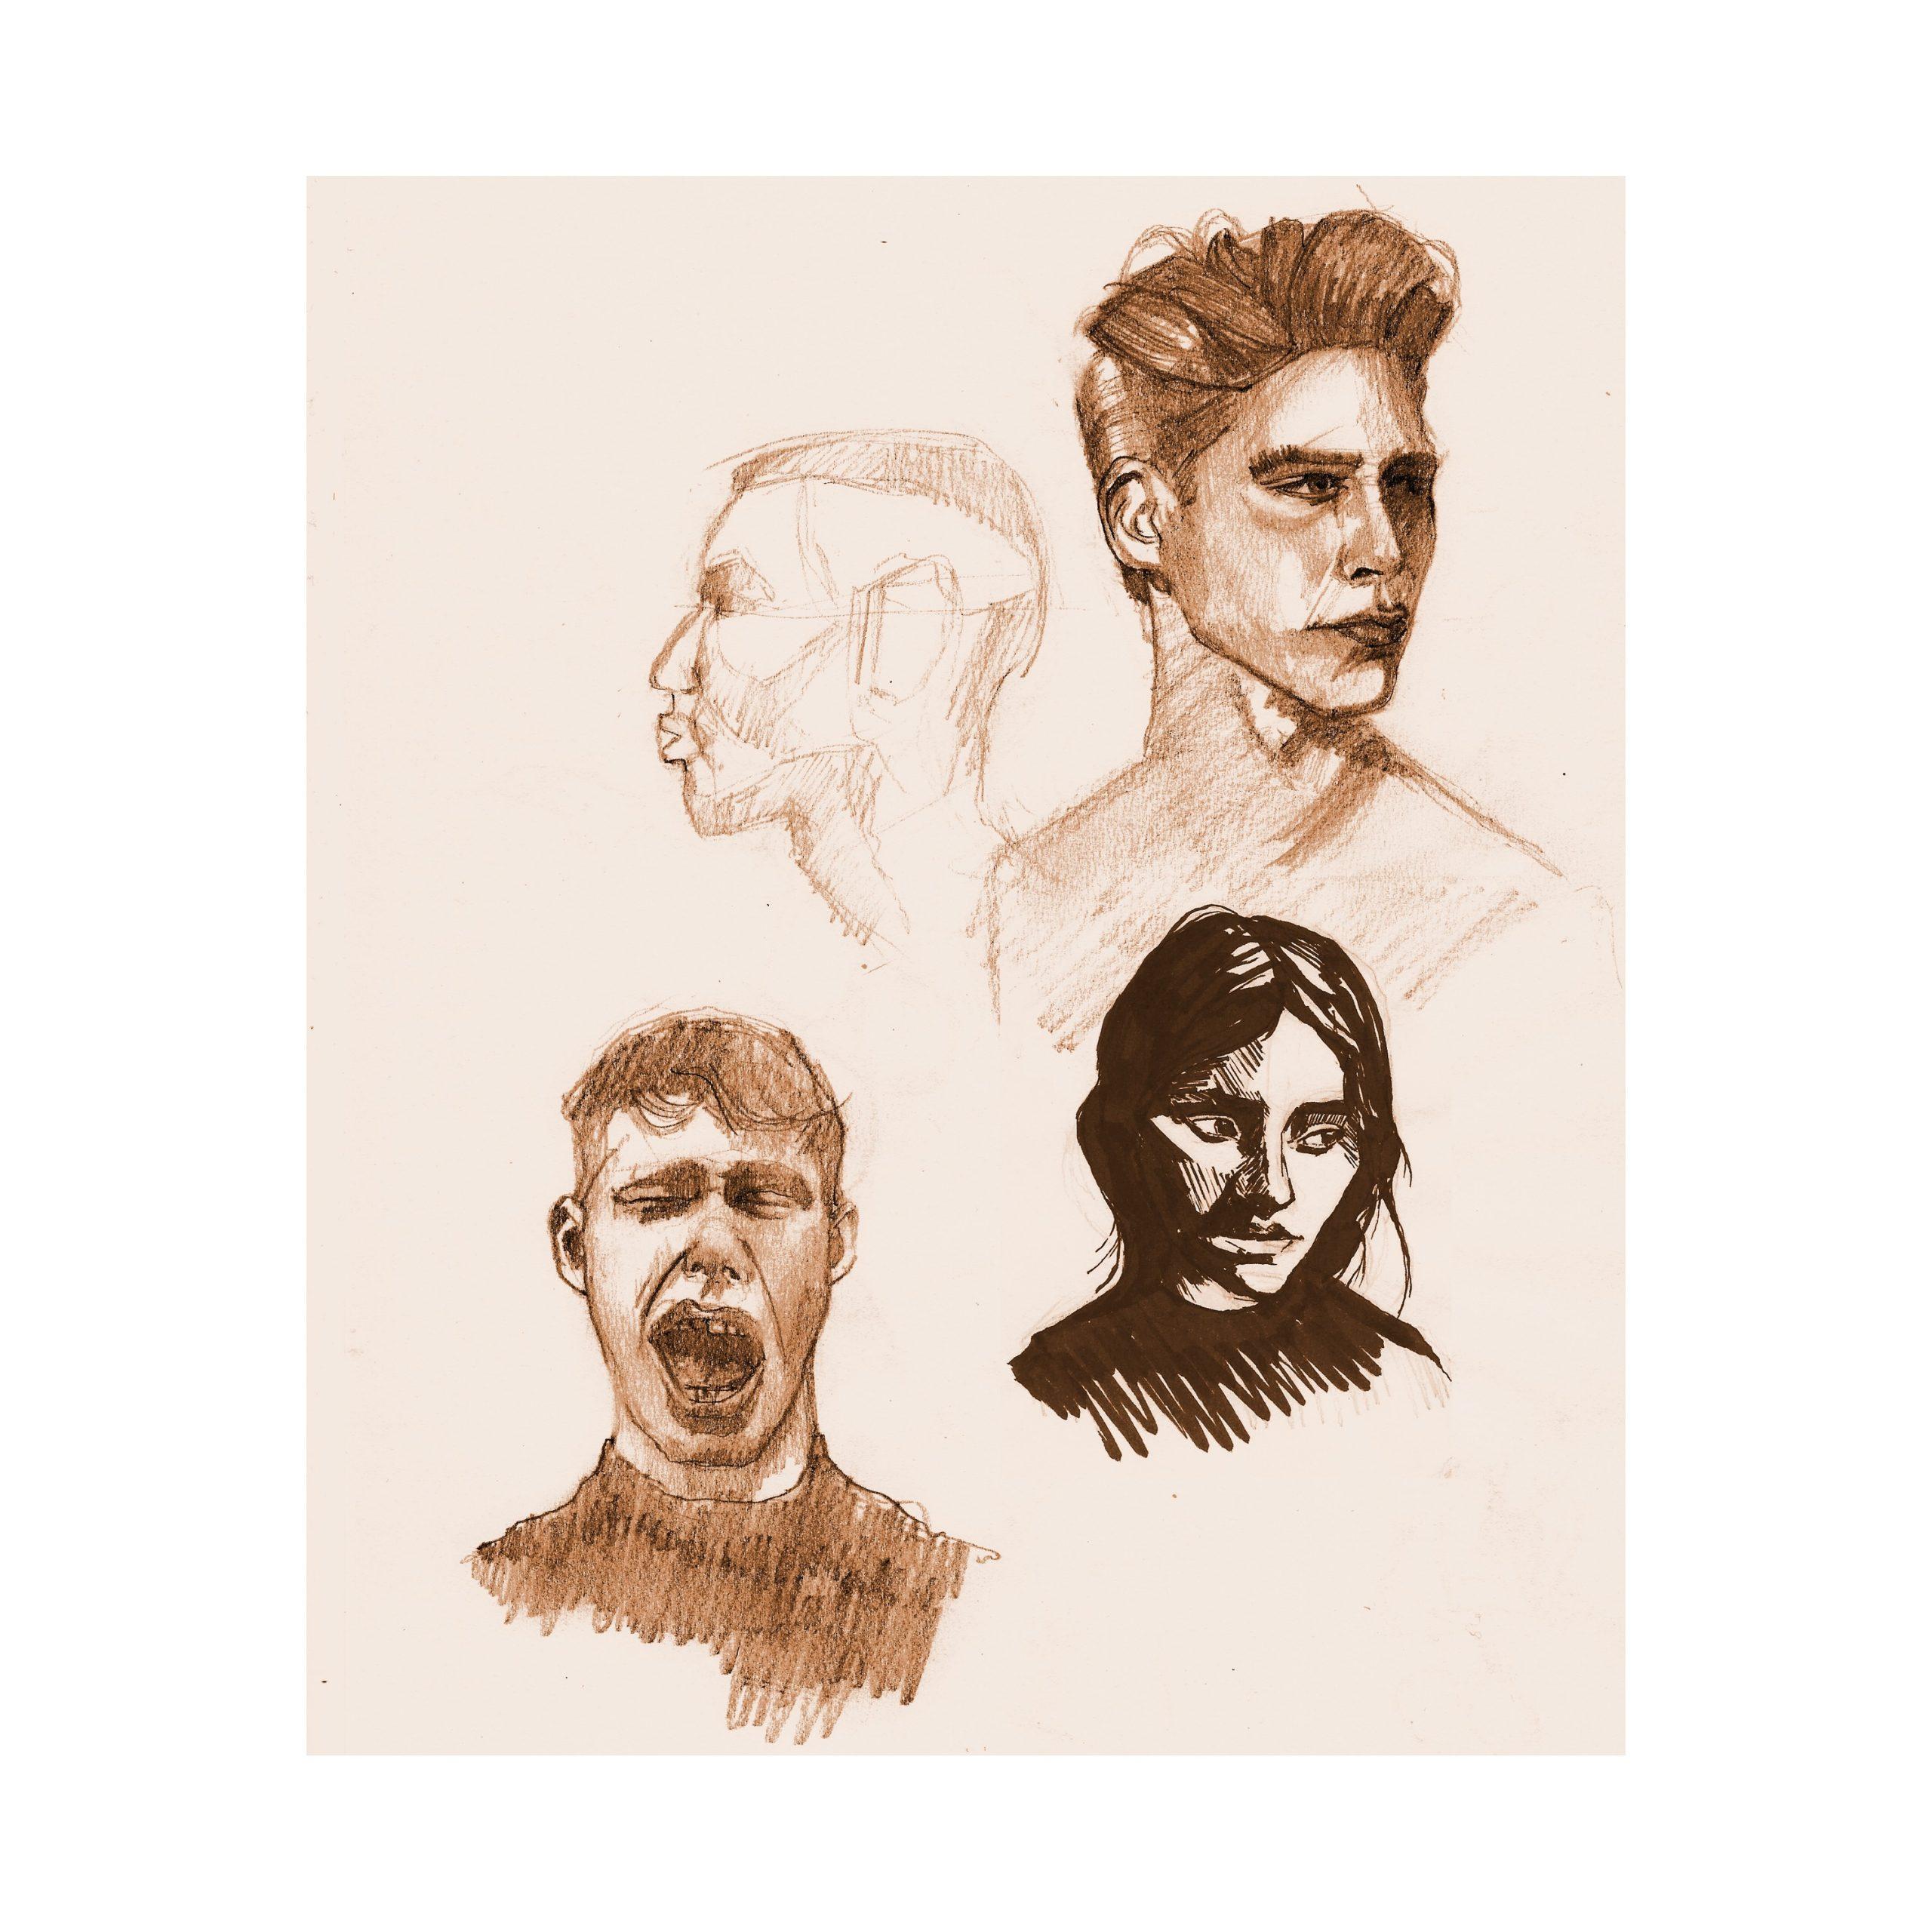 Misc Sketchs